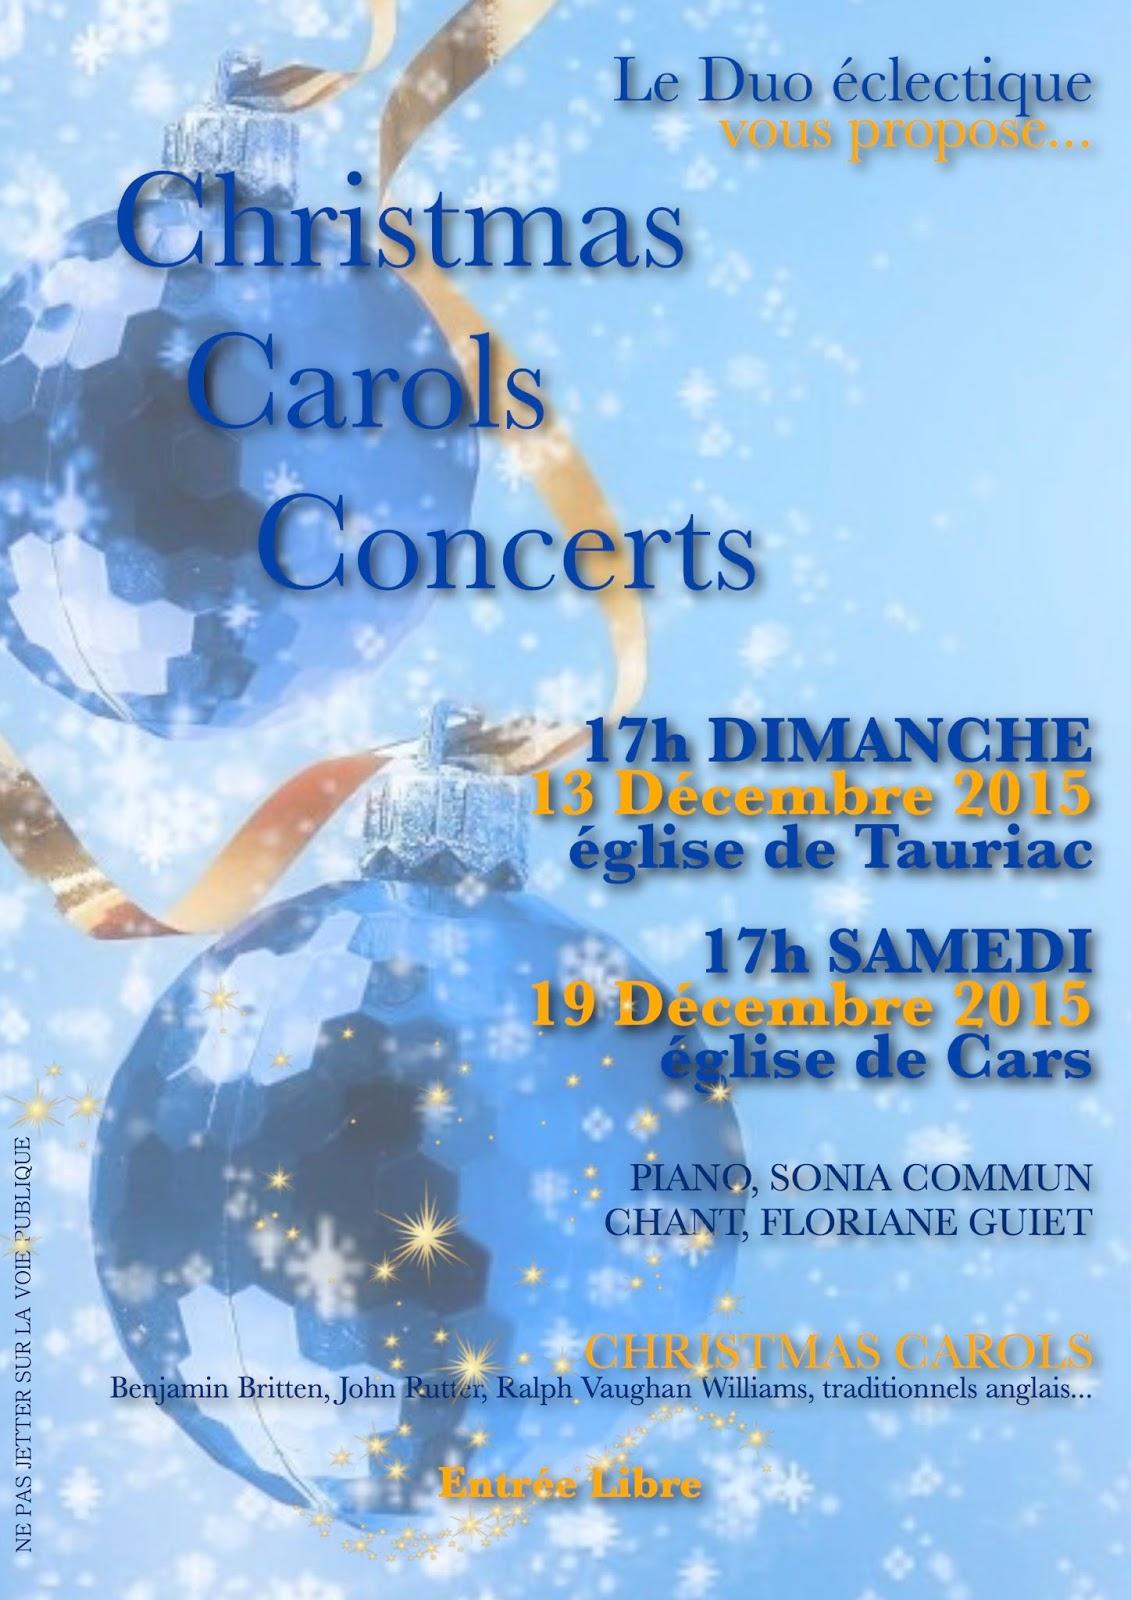 Concert Noël Eclectique